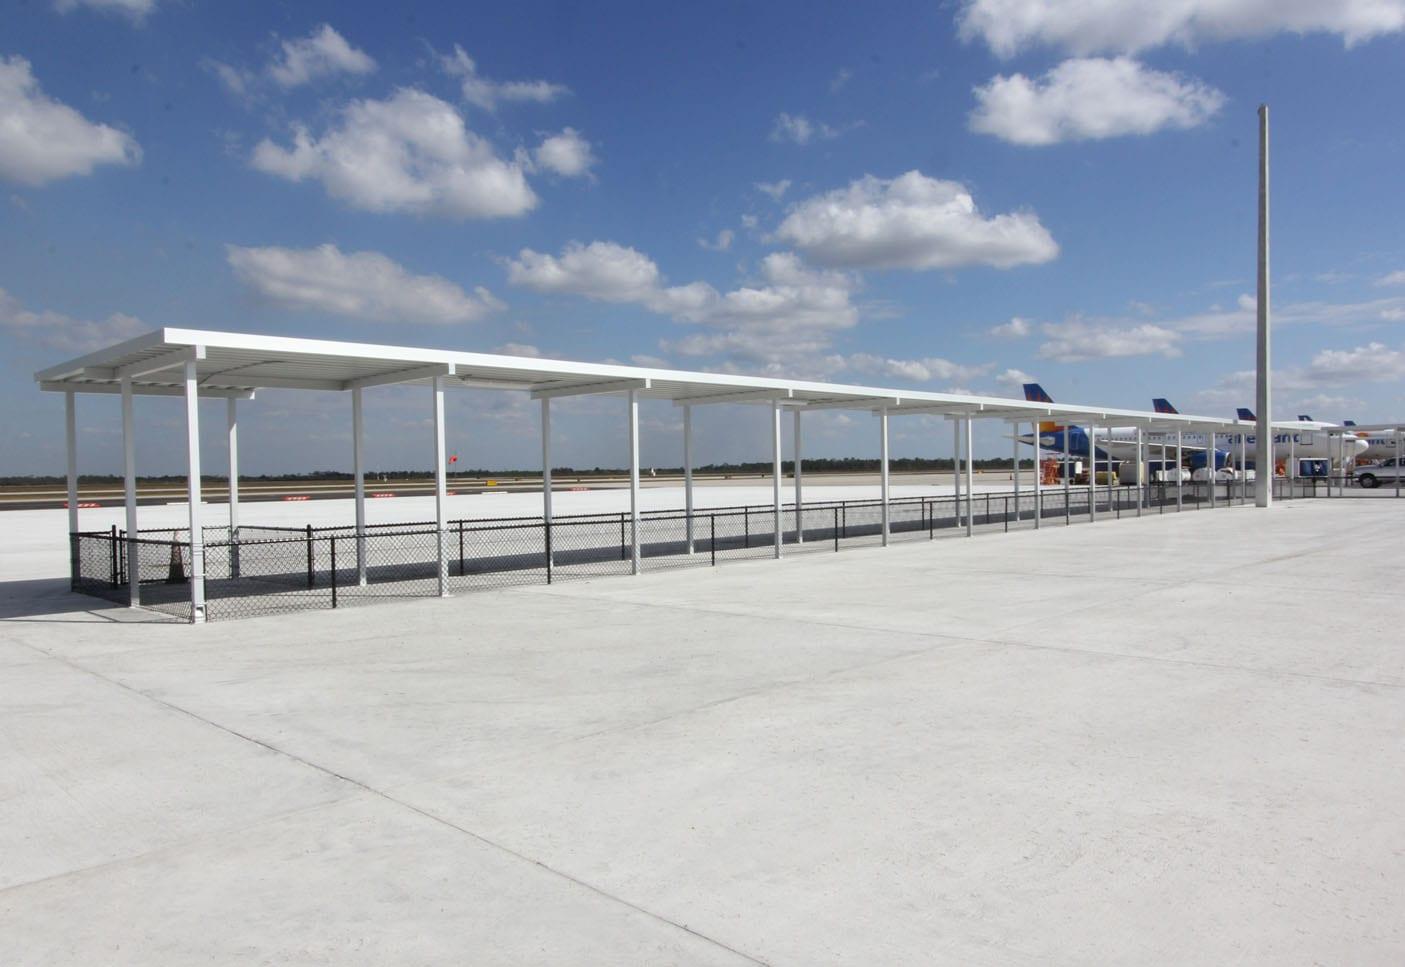 Punta_Gorda_Airport_Apron_Expansion_0000_Layer 4